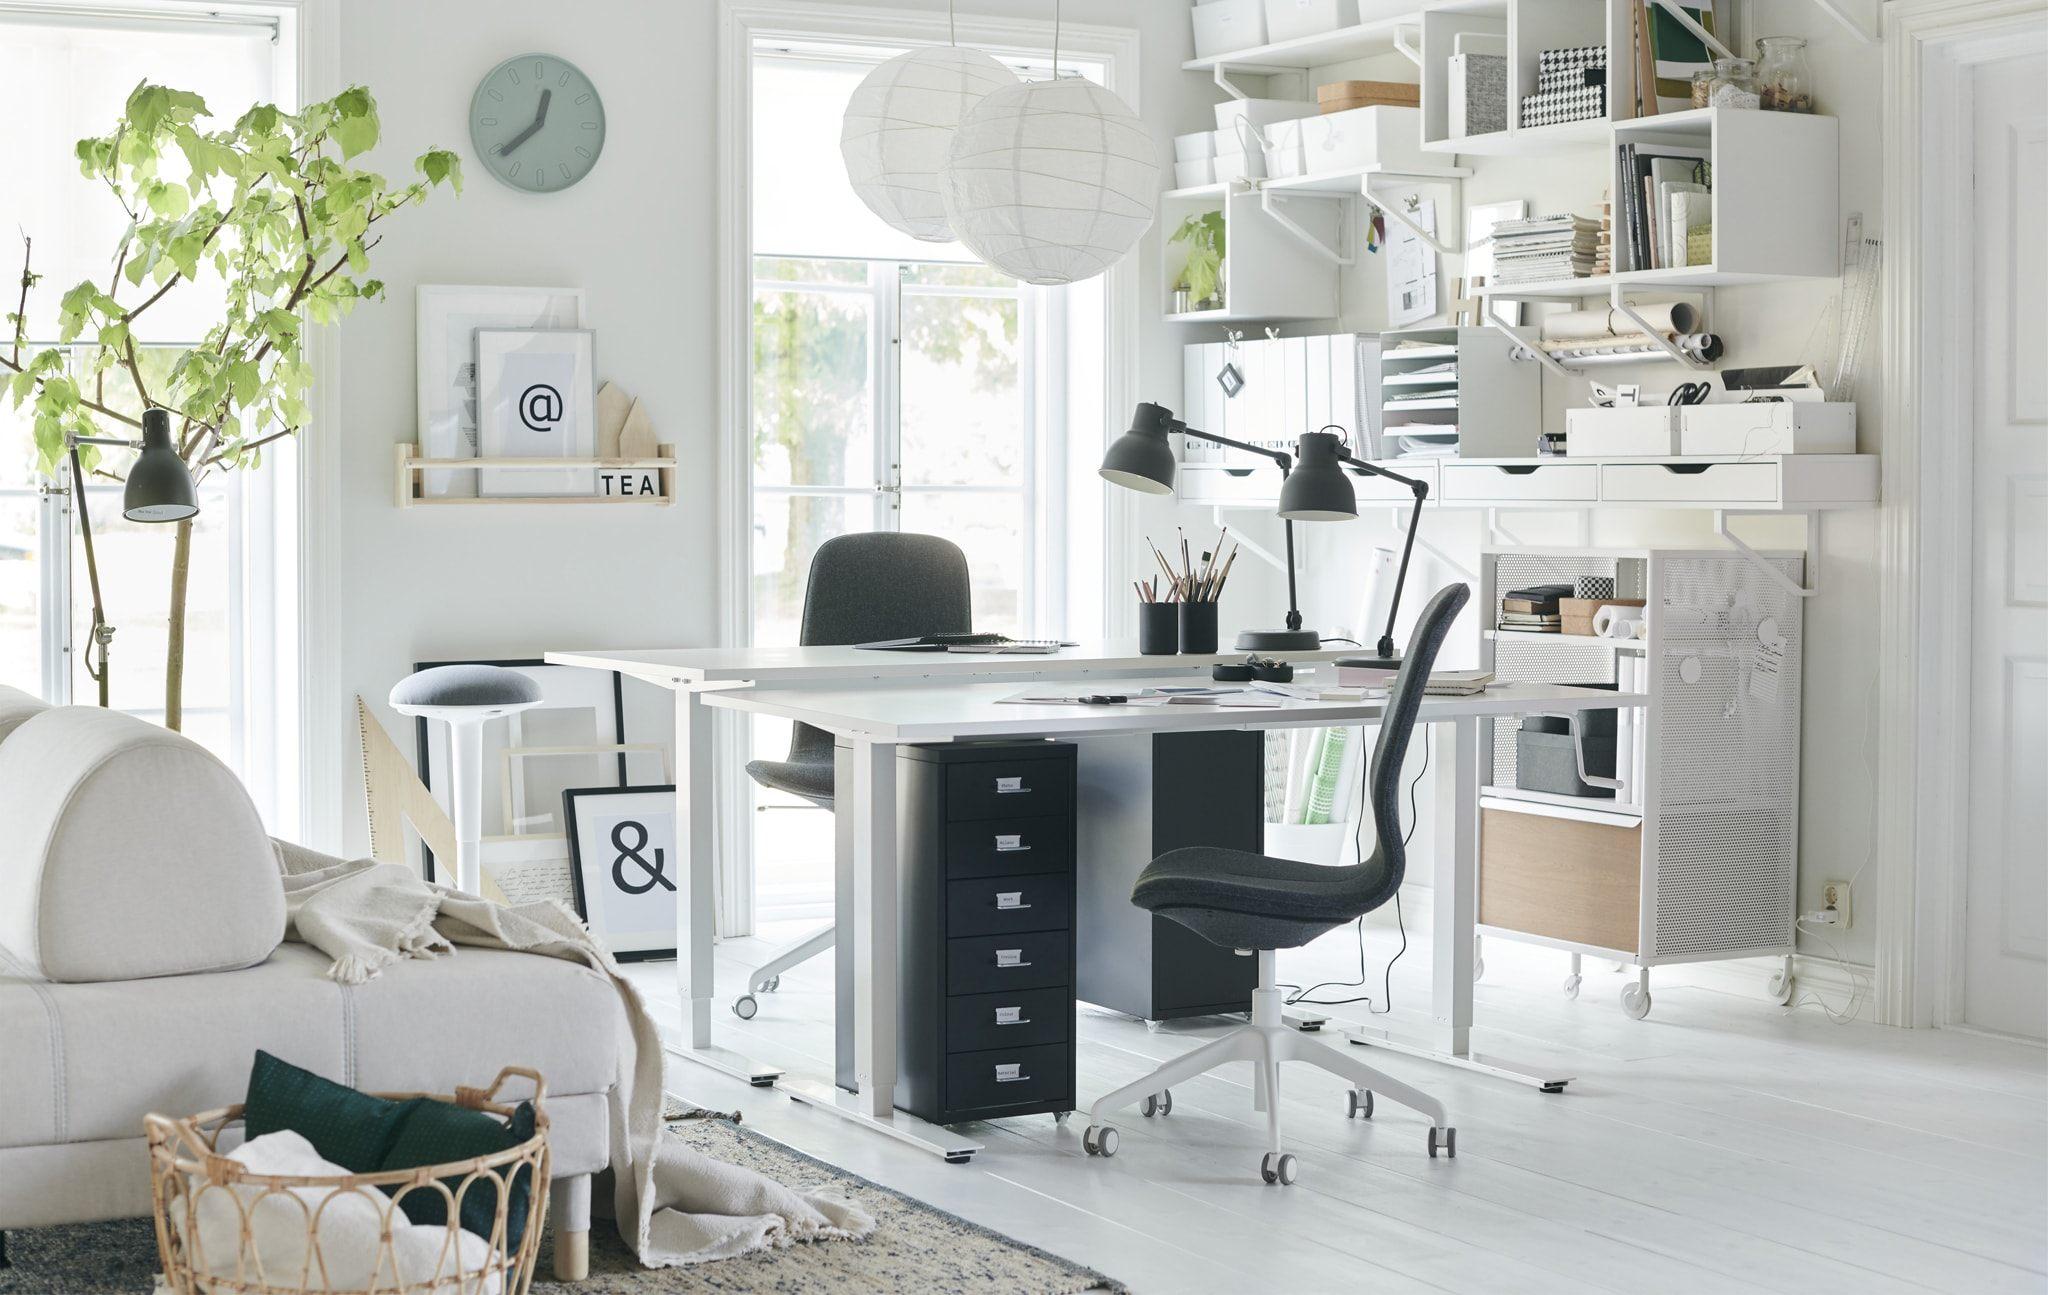 Lit Deux Places Ikea Inspiré Ideas Ikea